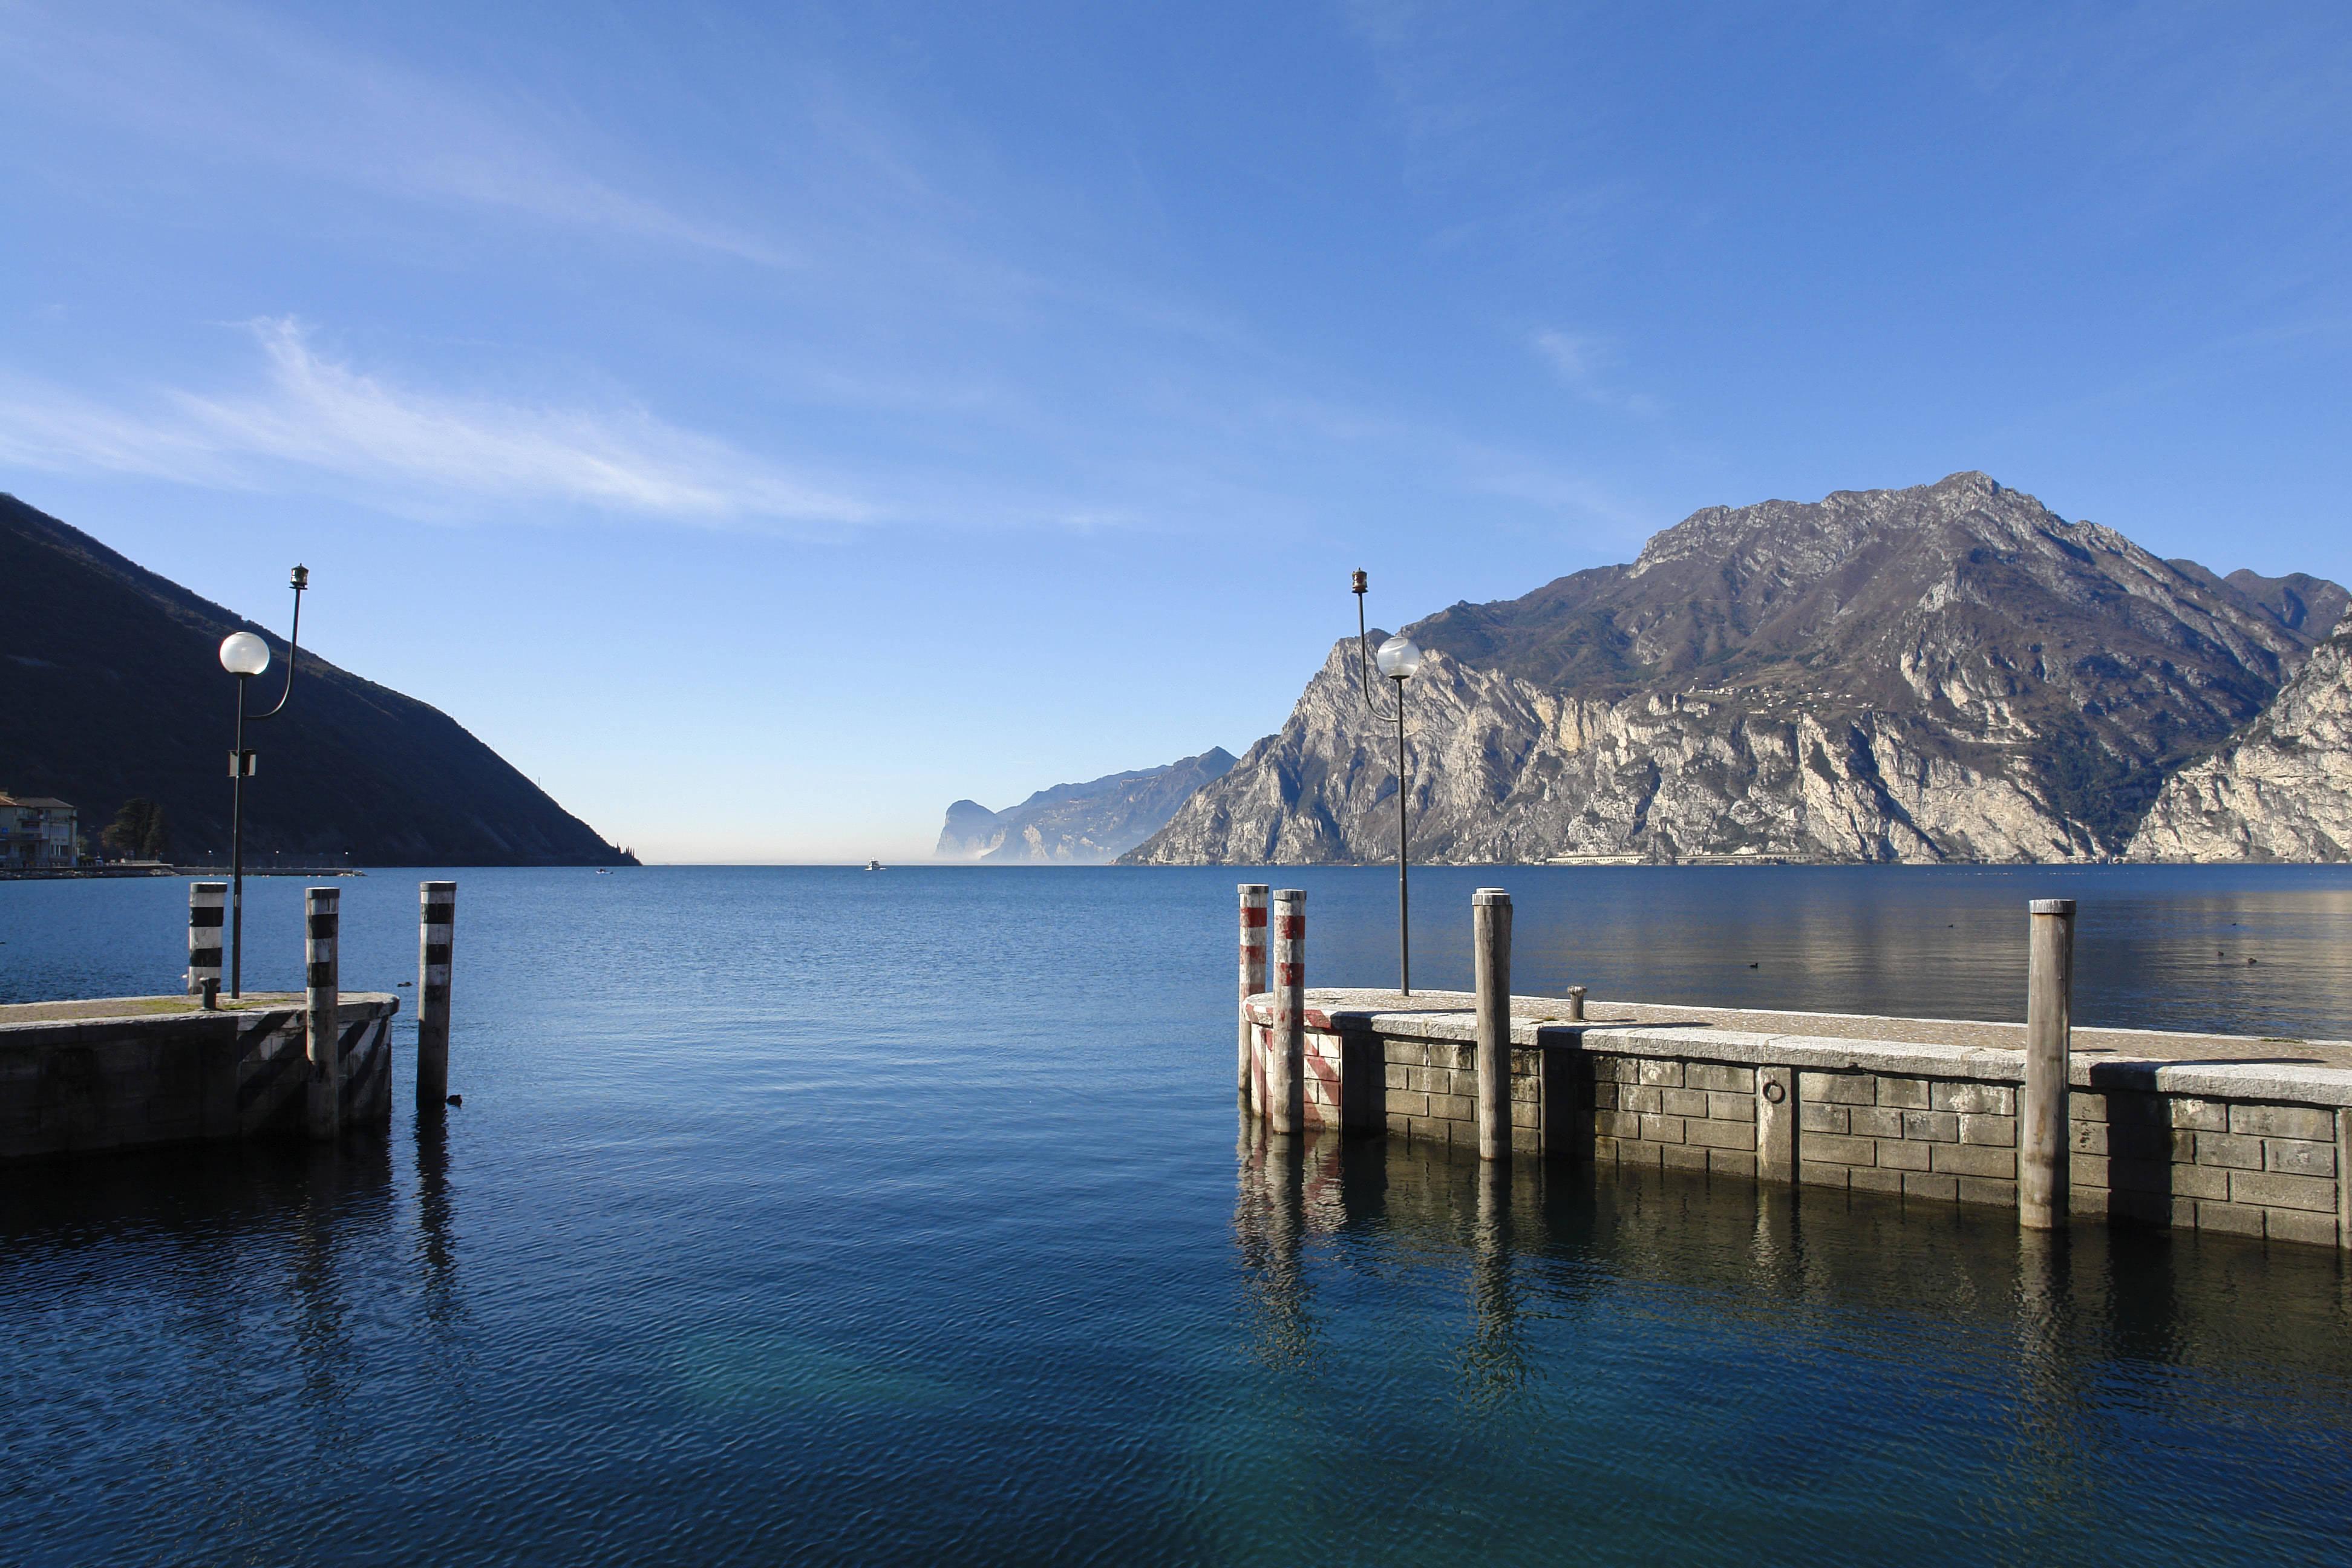 צפון איטליה - חצי פנסיון ללא ימים חופשיים